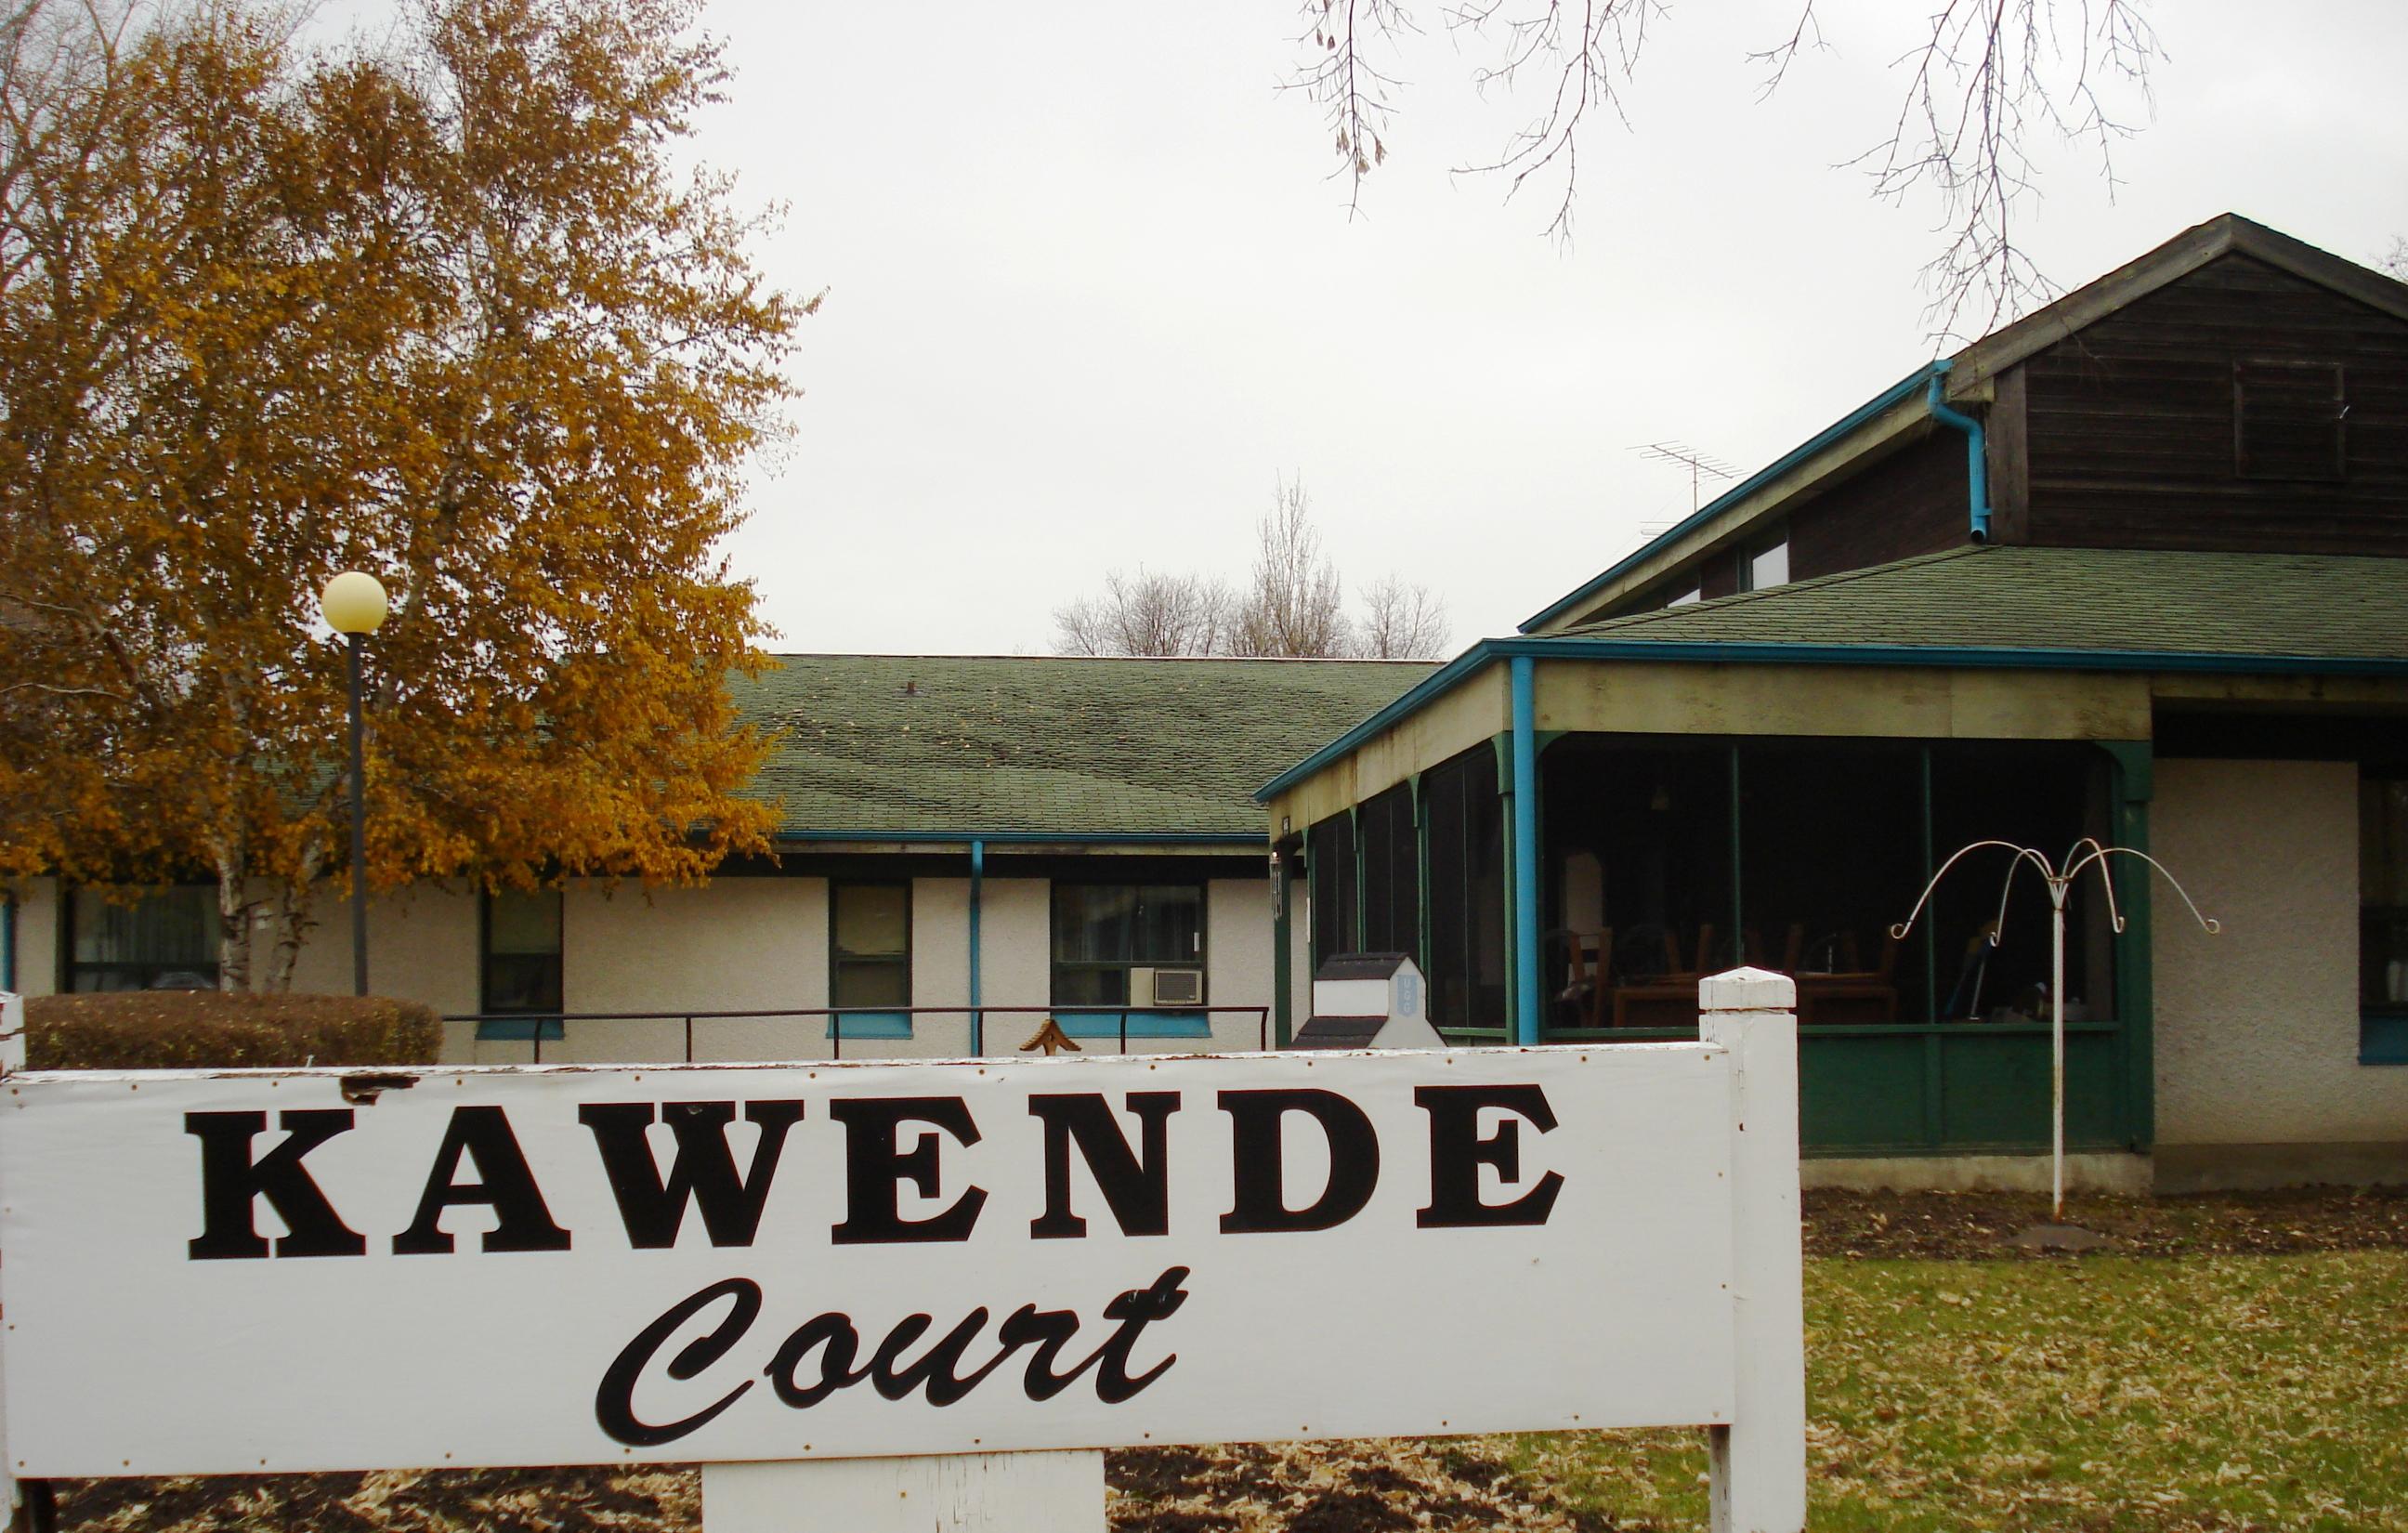 Kawende Court